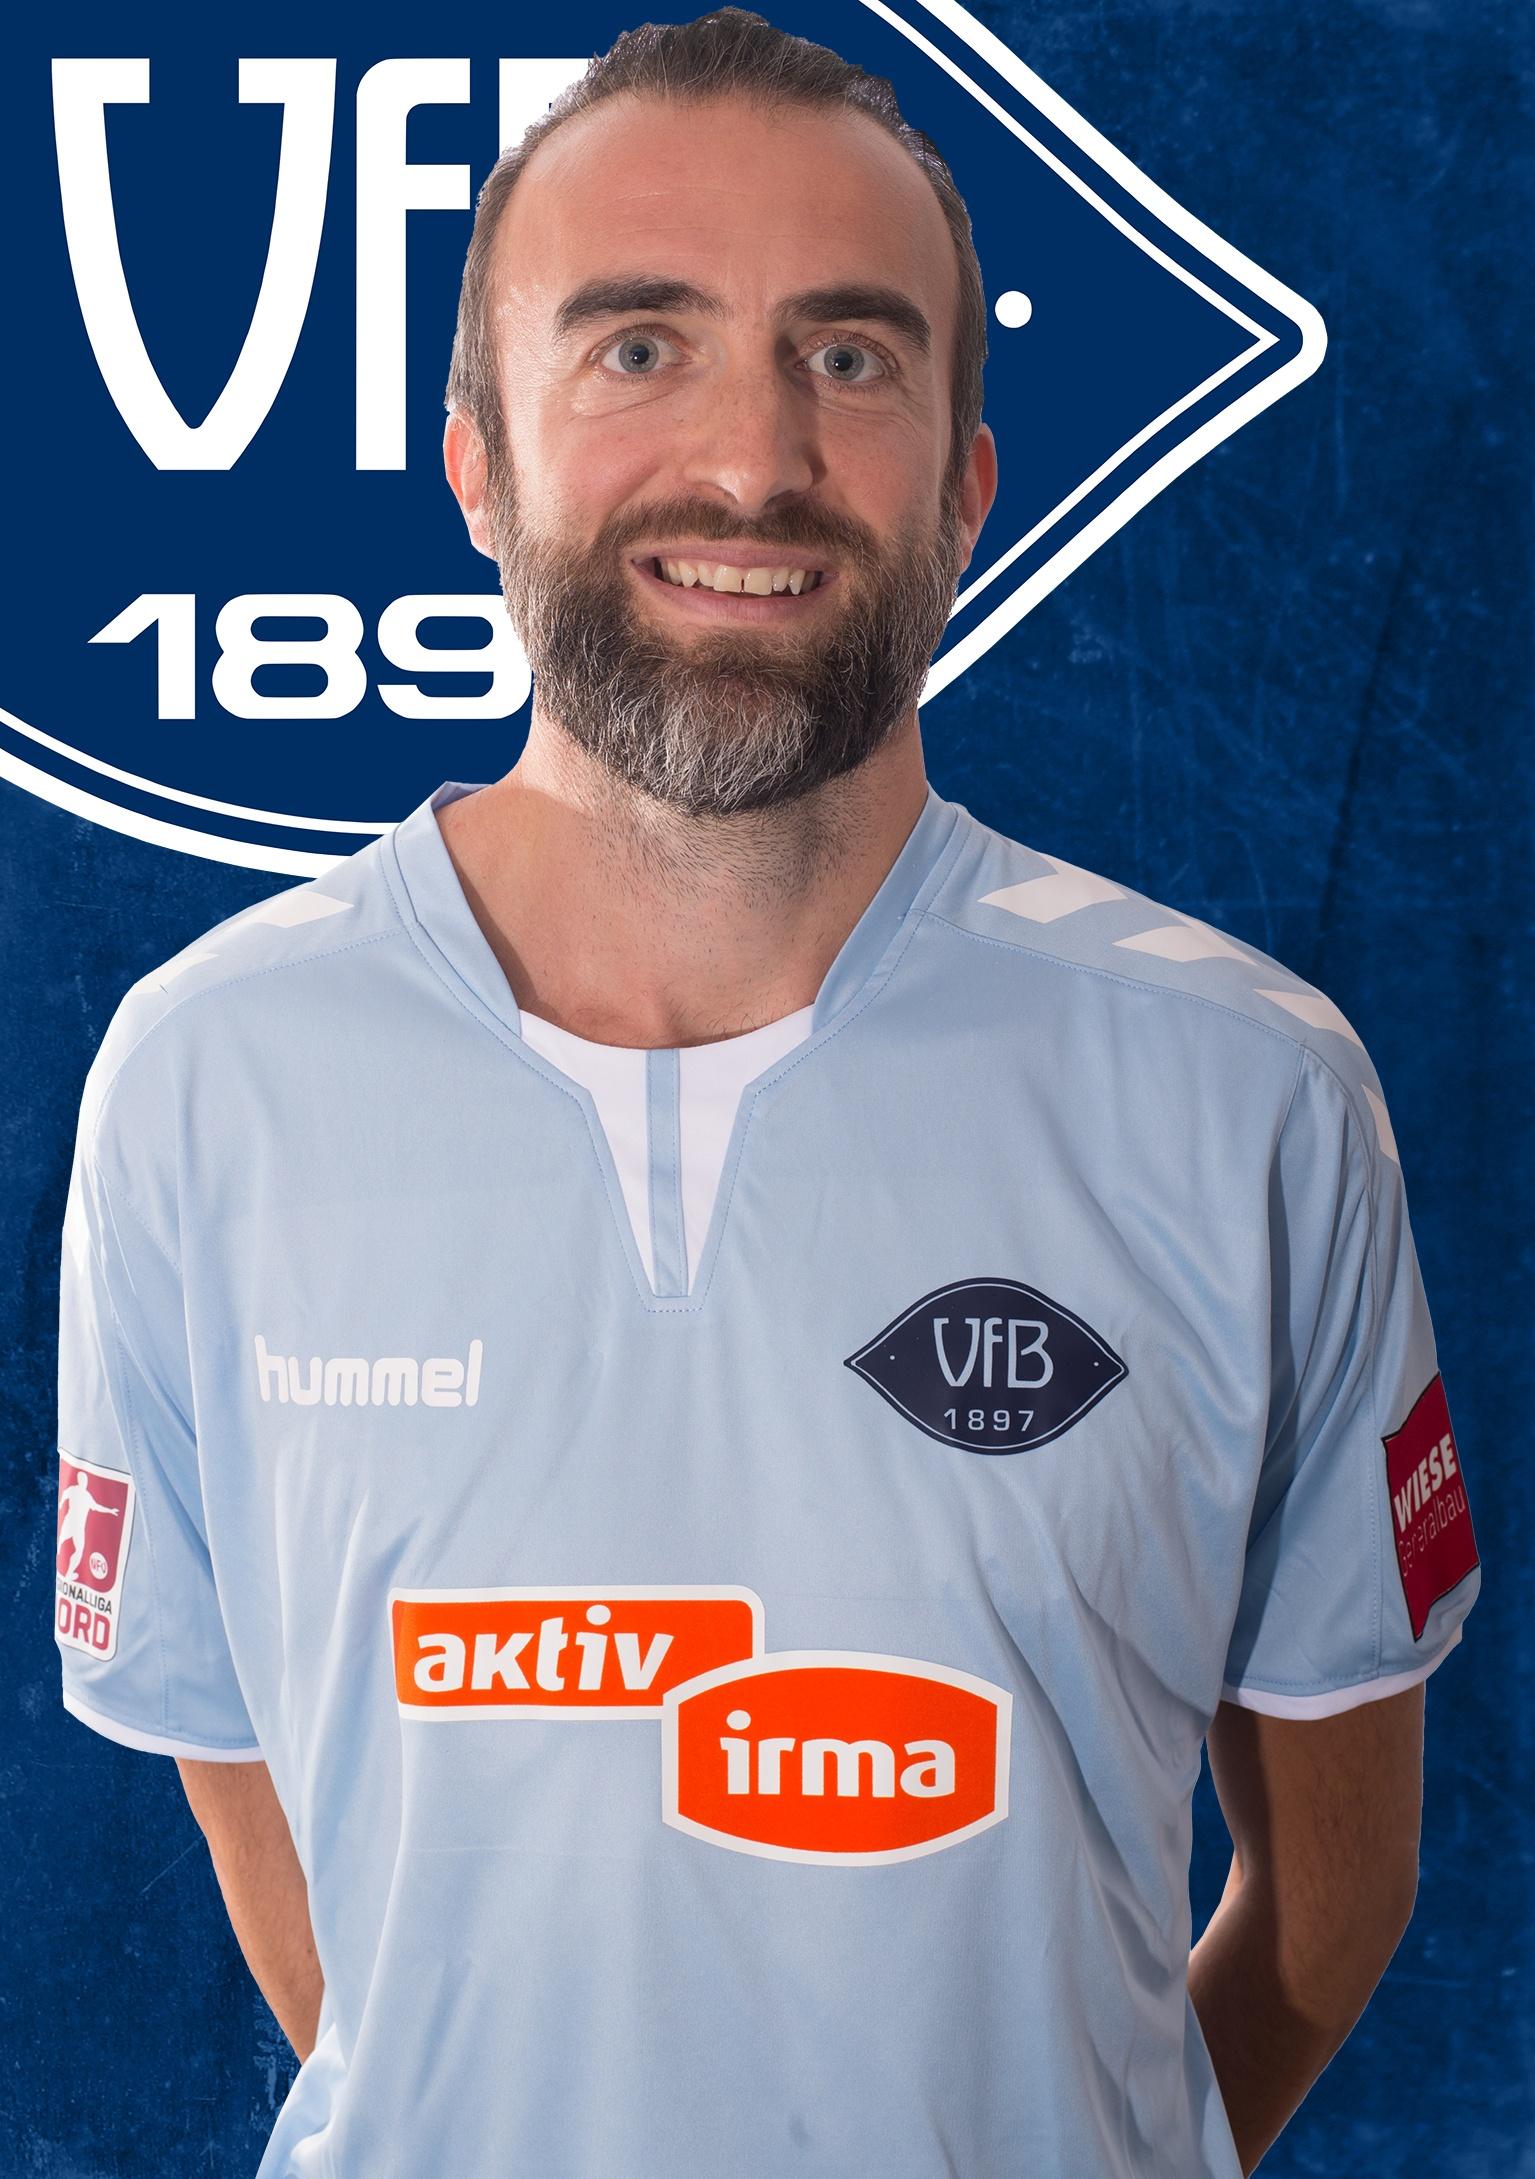 Dario Fossi